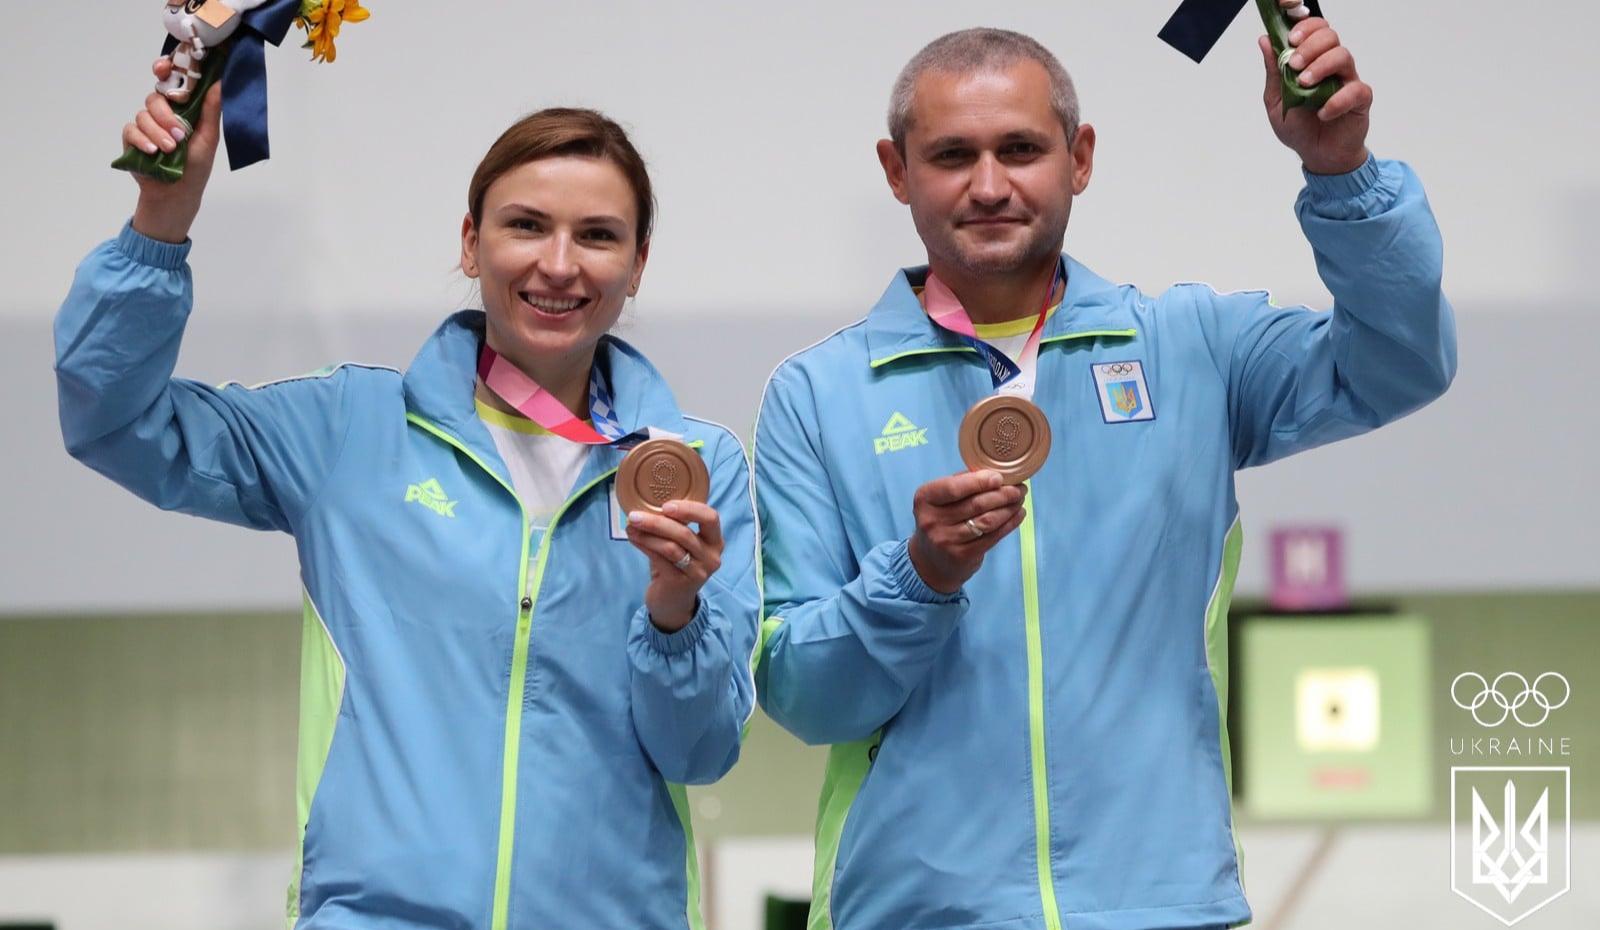 Олимпиада-2020: украинские стрелки завоевали бронзовую медаль